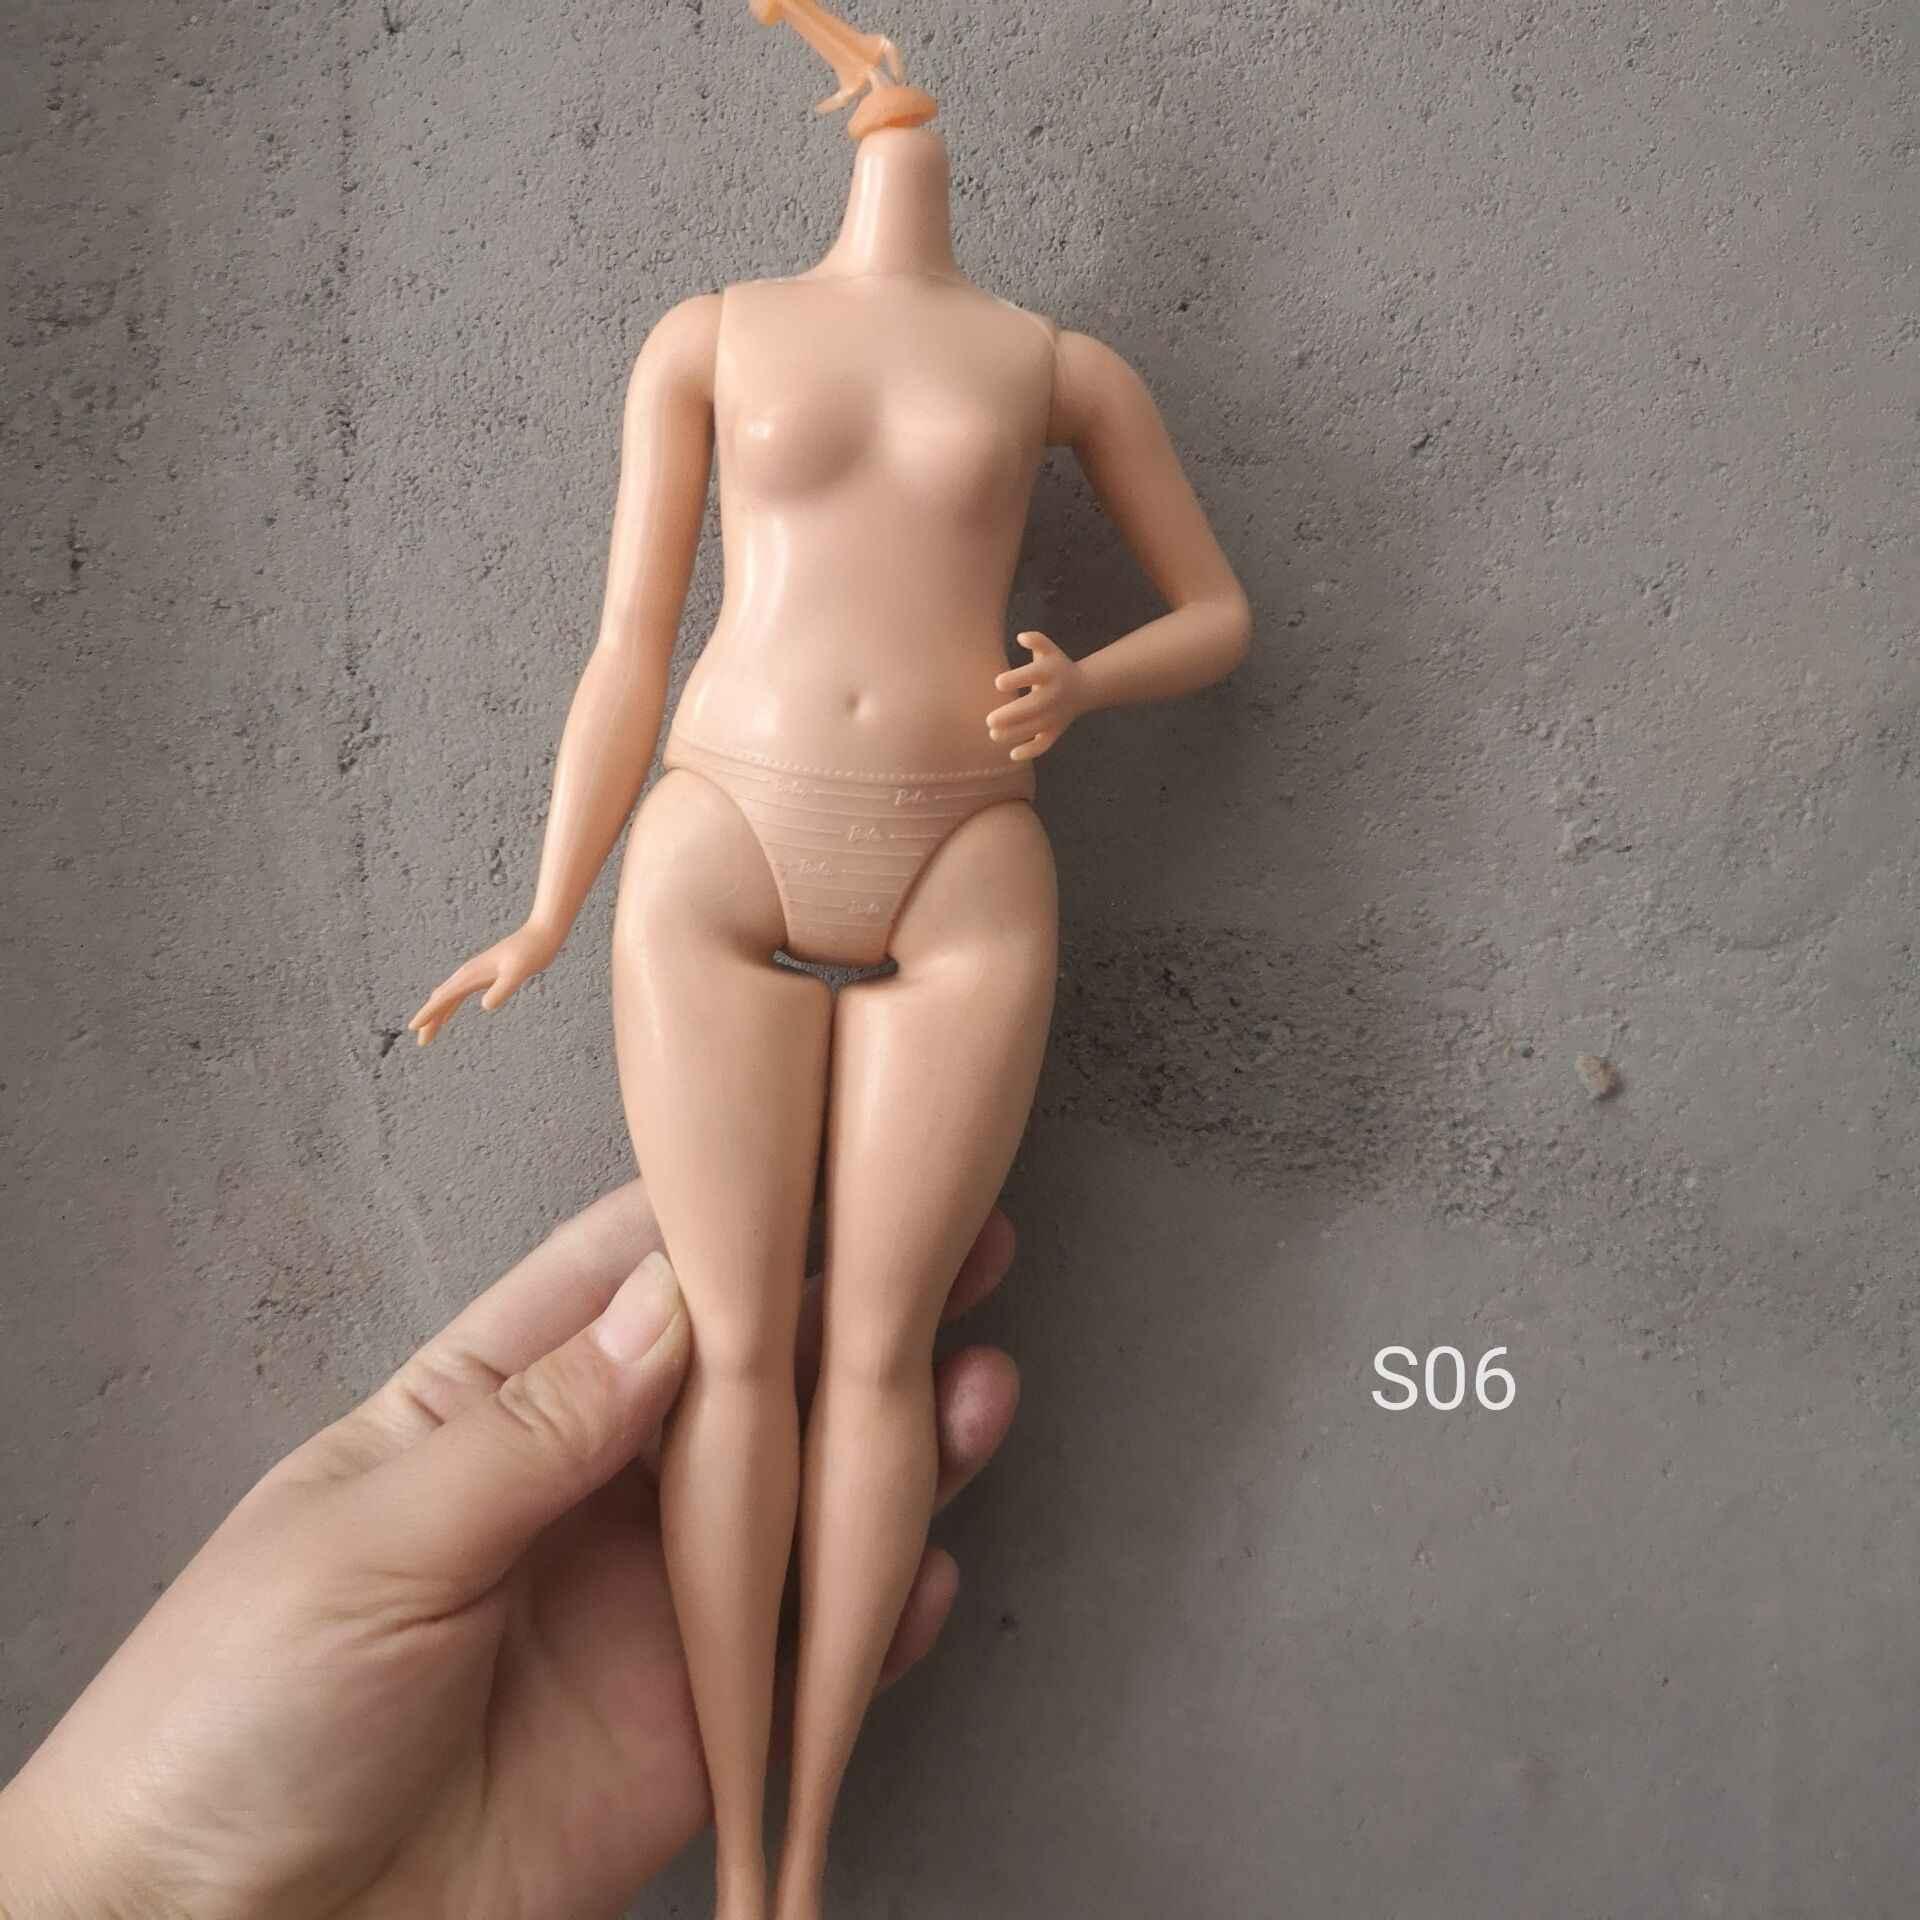 الأصلي الإناث Ferritic عارية عارية ل باربي BJD إكسسوارات دمي بدون رئيس اللعب اكسسوارات الاطفال اللعب